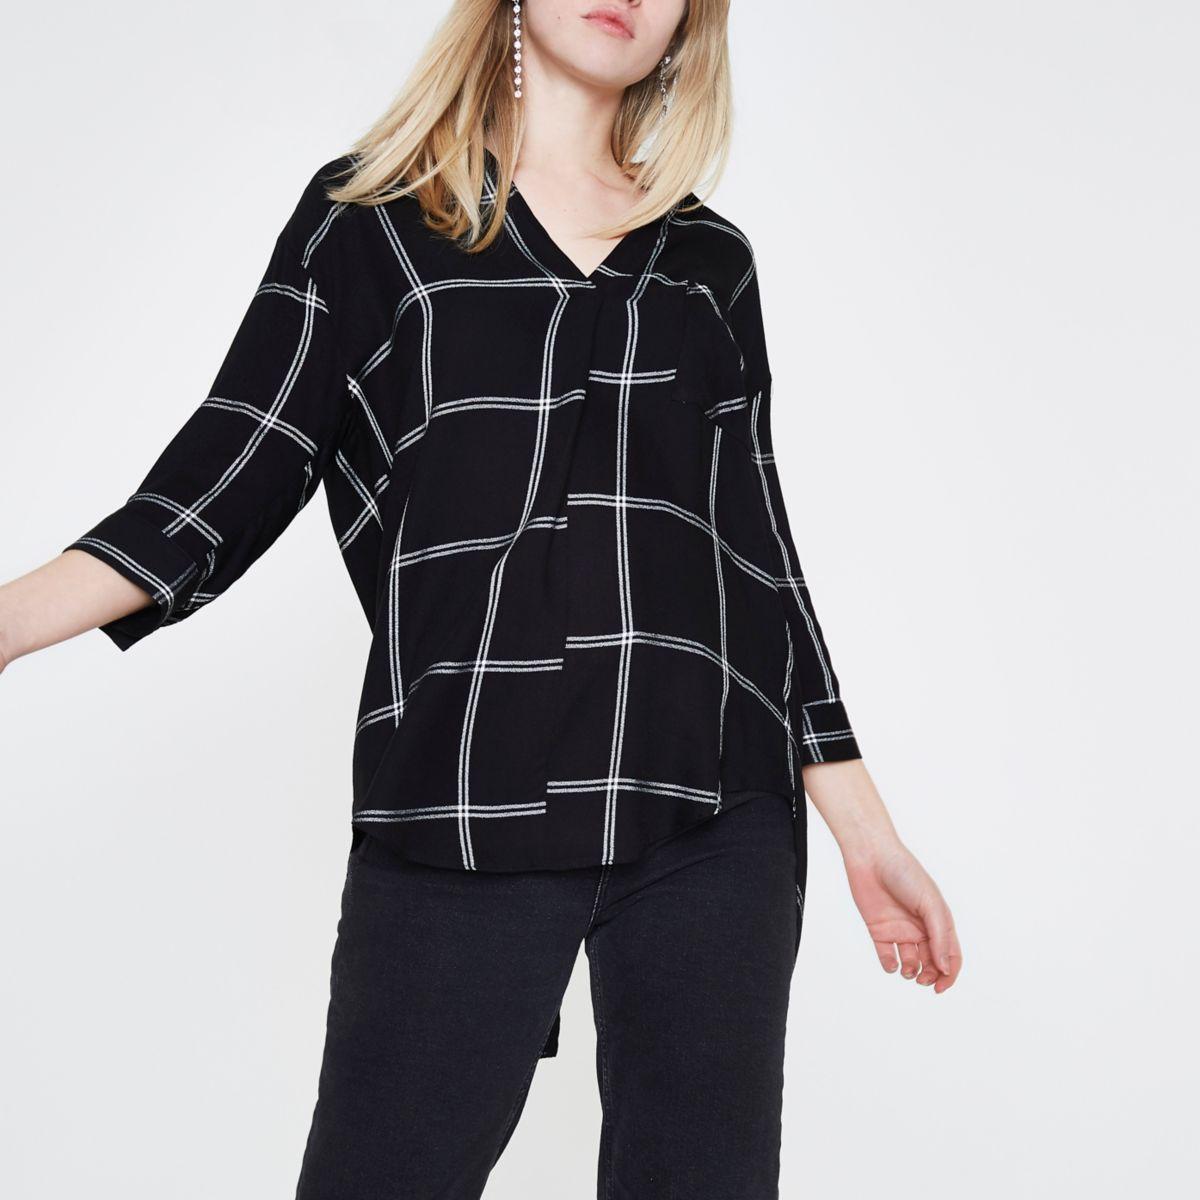 Zwarte geruite blouse met gekruiste bandjes op de rug